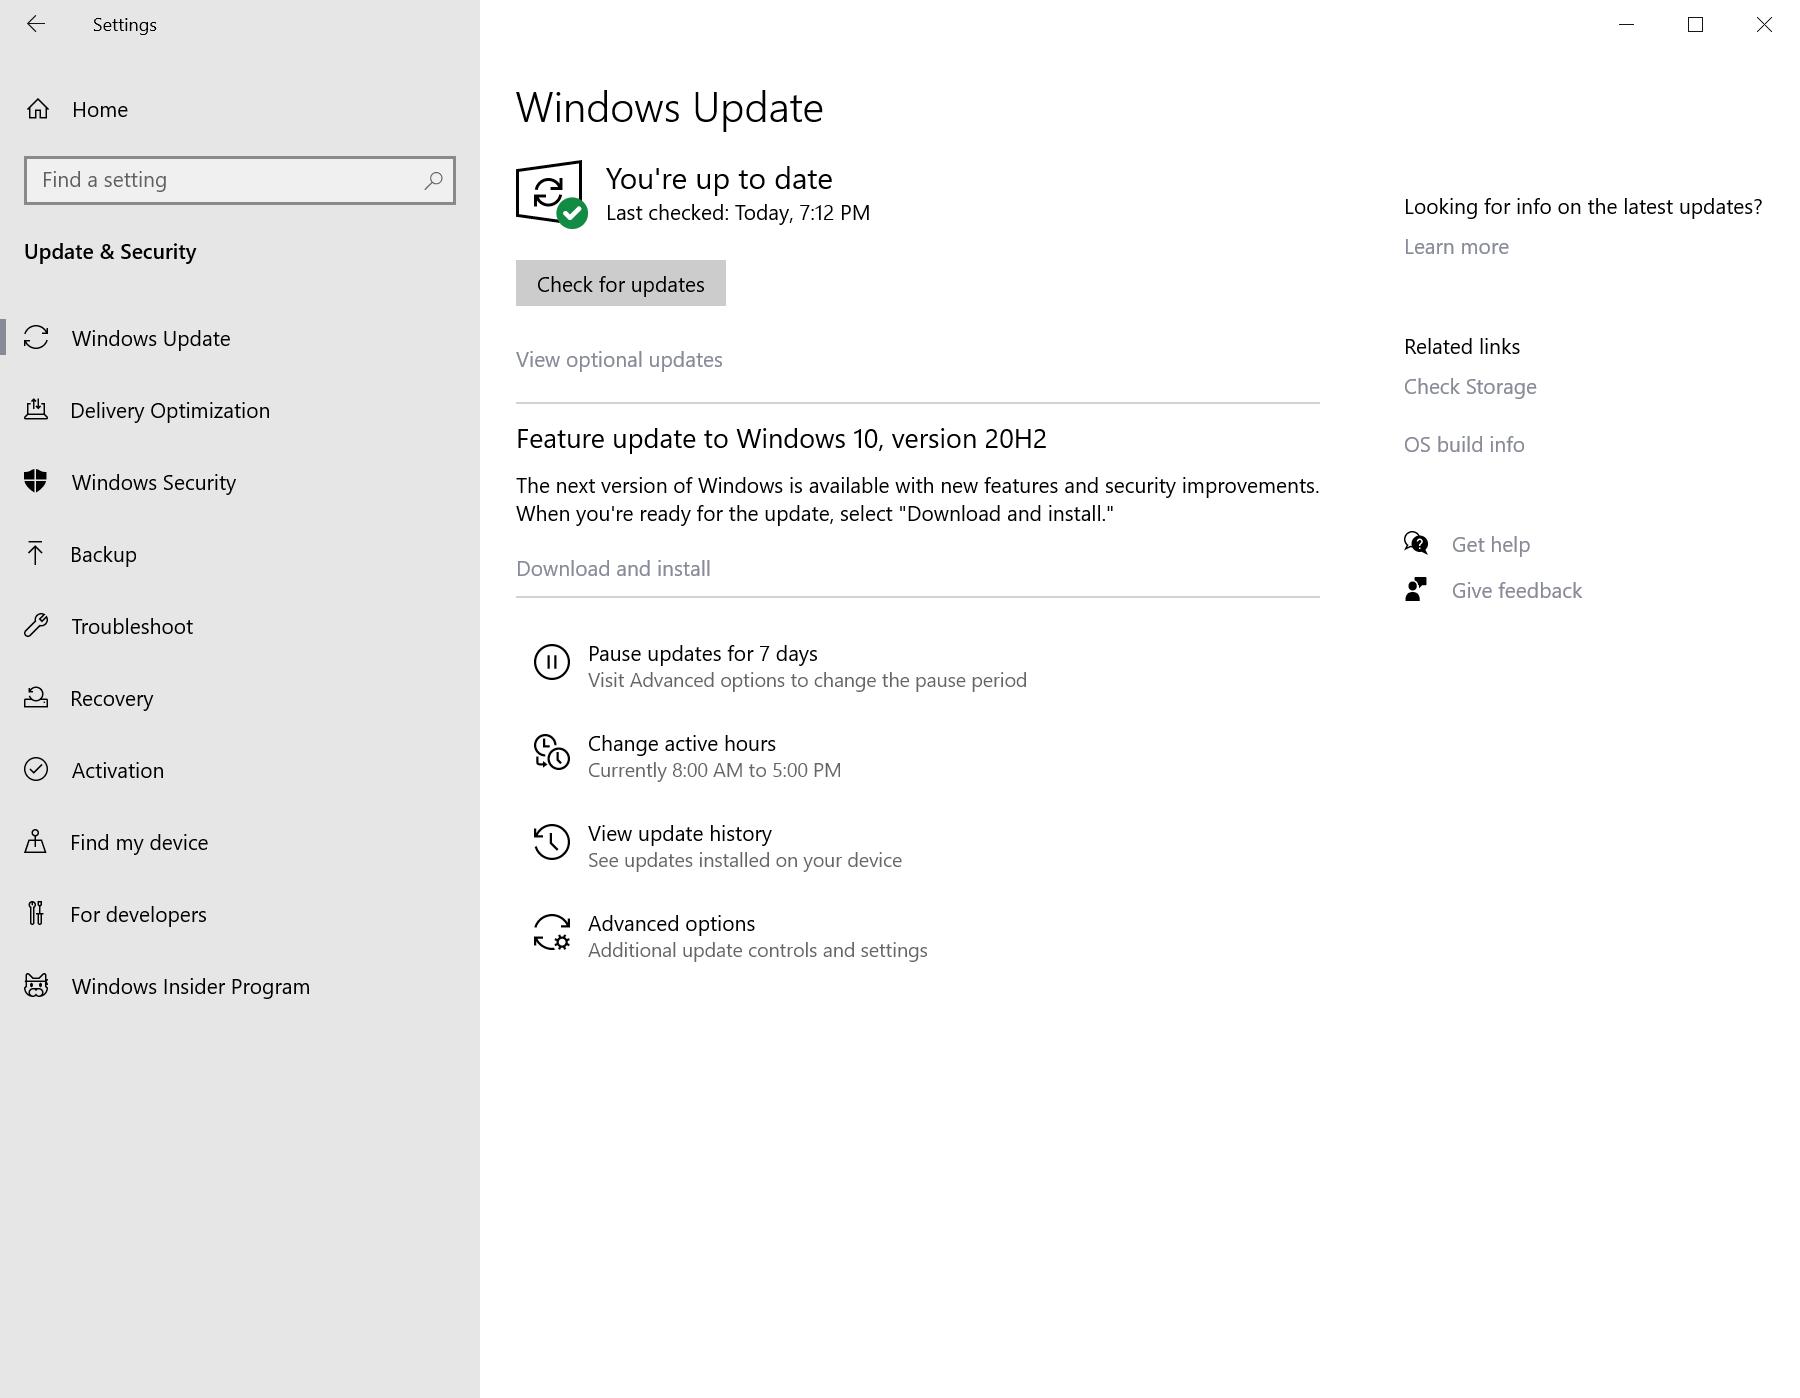 actualización de funciones de Windows 10 versión 20H2